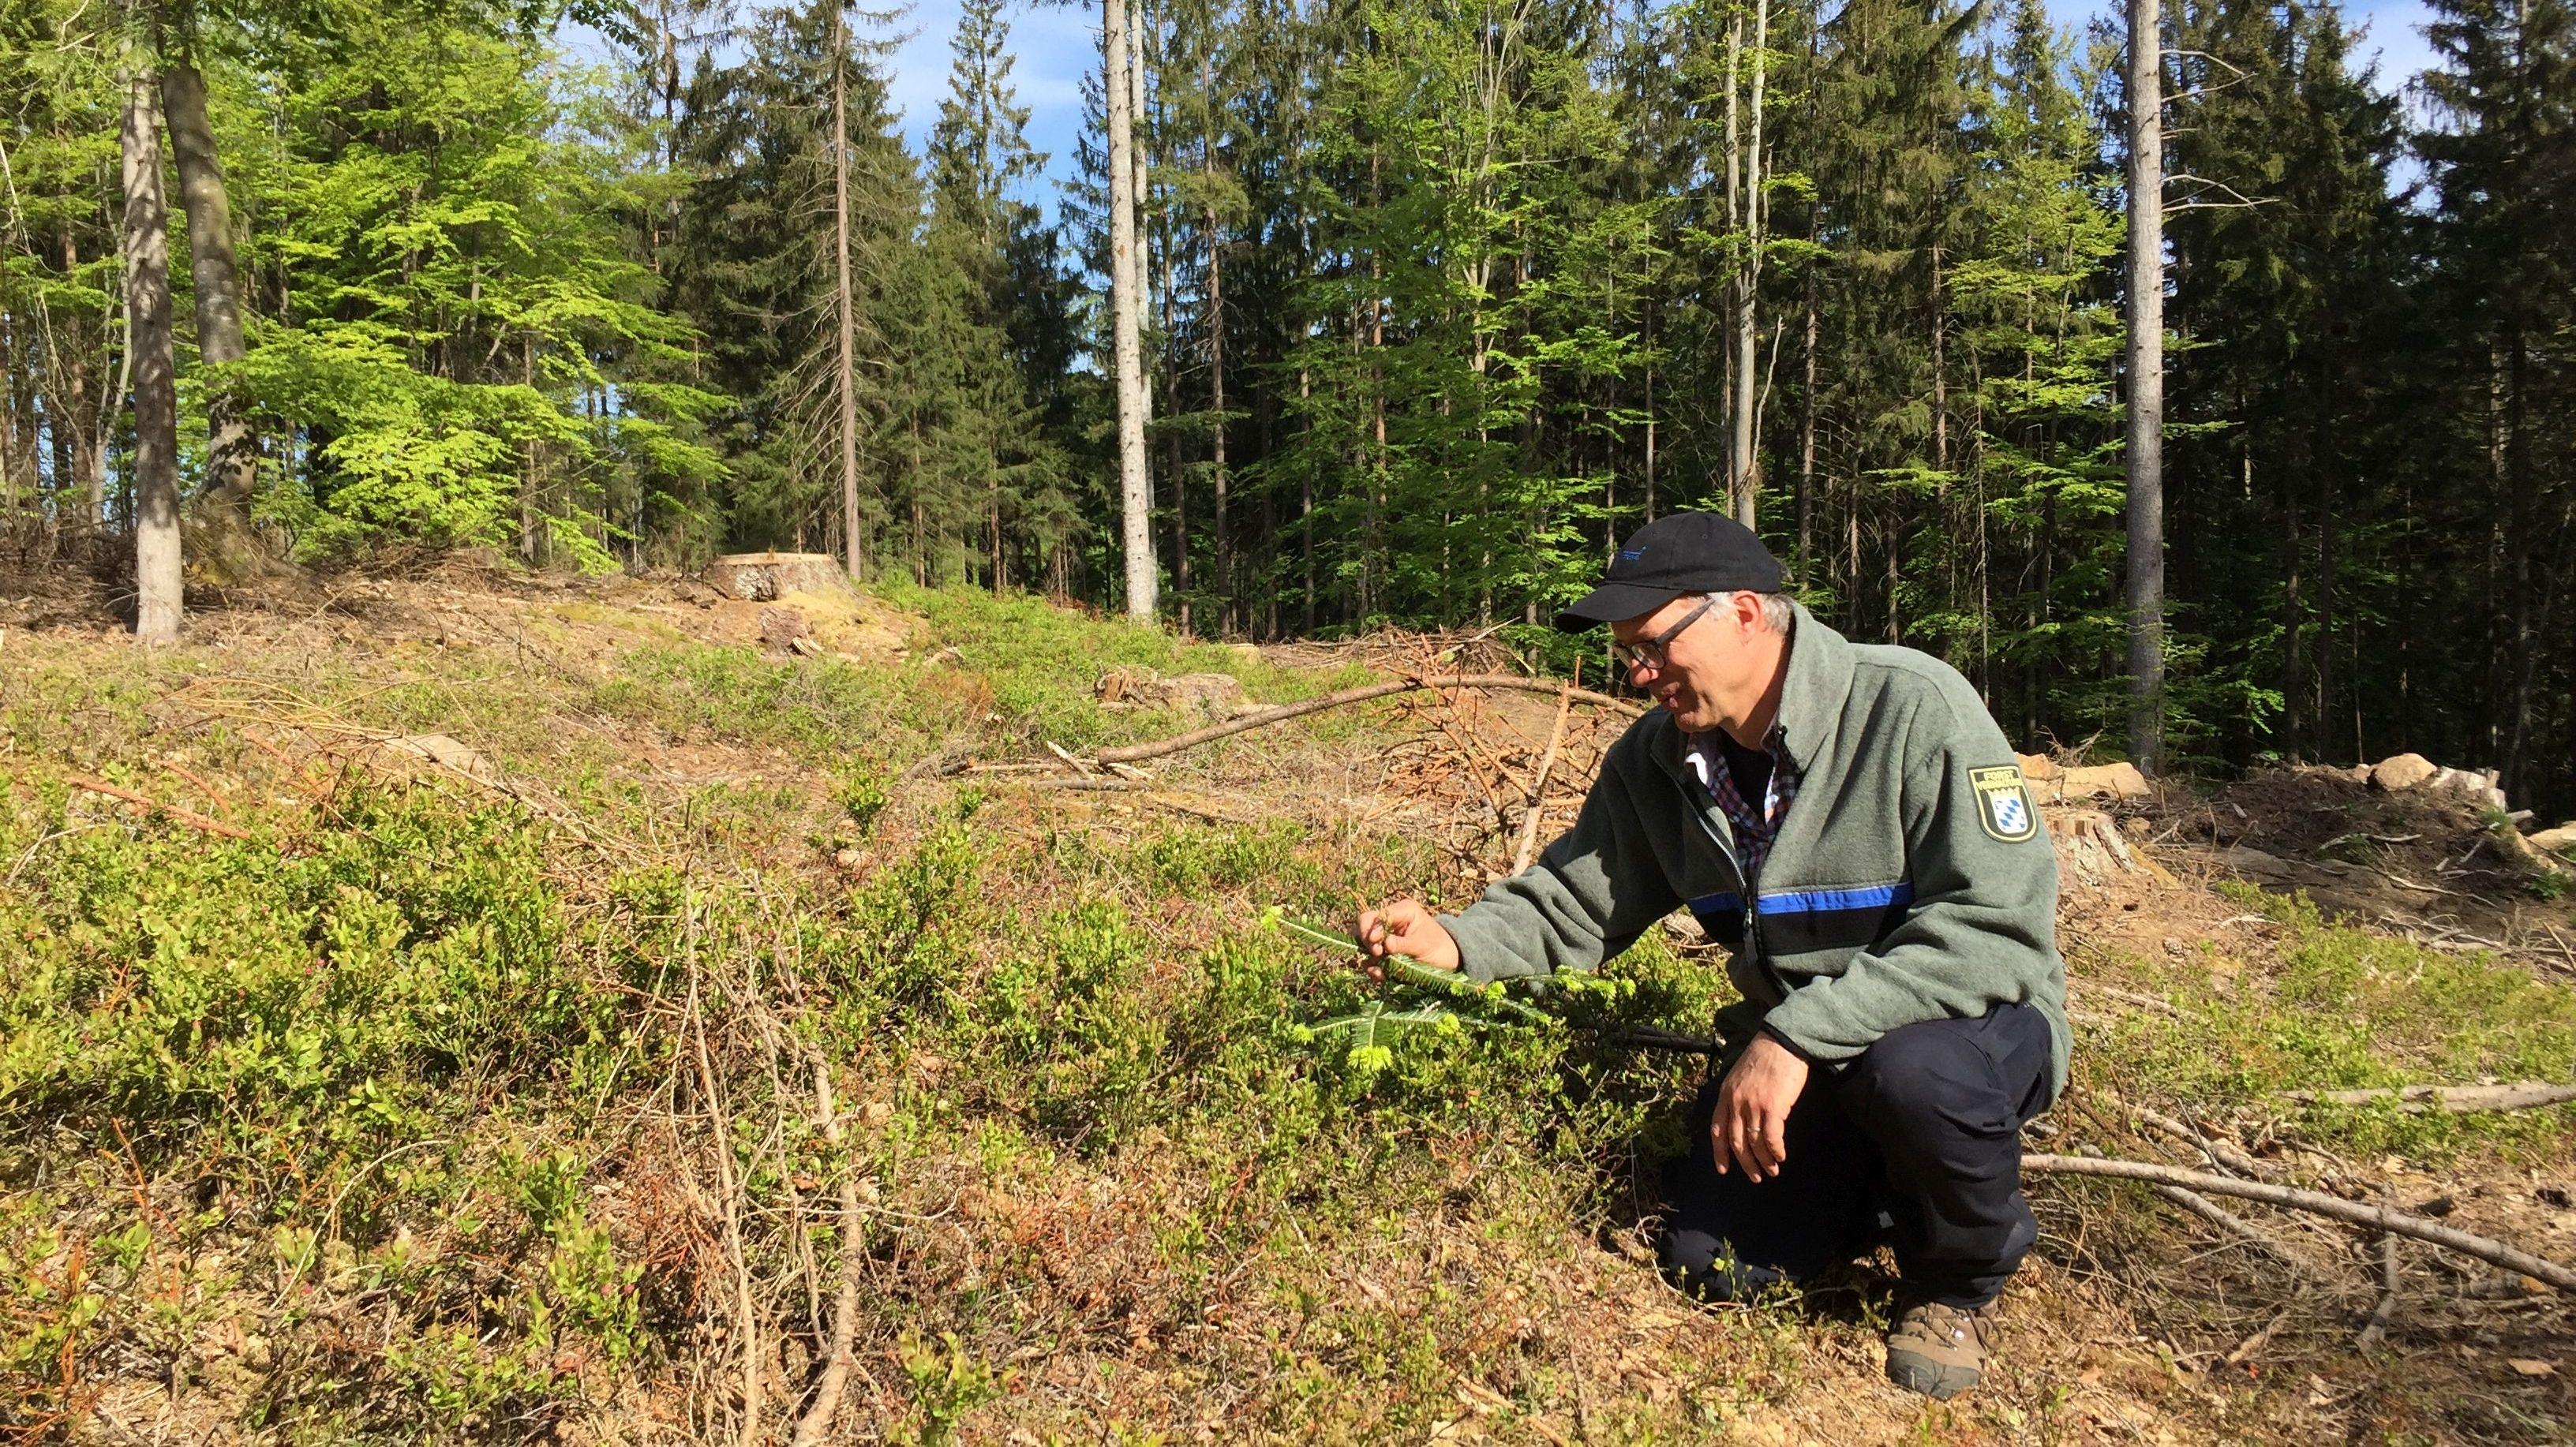 Stefan Schaffner vom AELF Regen, zuständig für die Privatwaldbesitzer, sucht auf einer Kahlfläche nach jungen Bäumchen